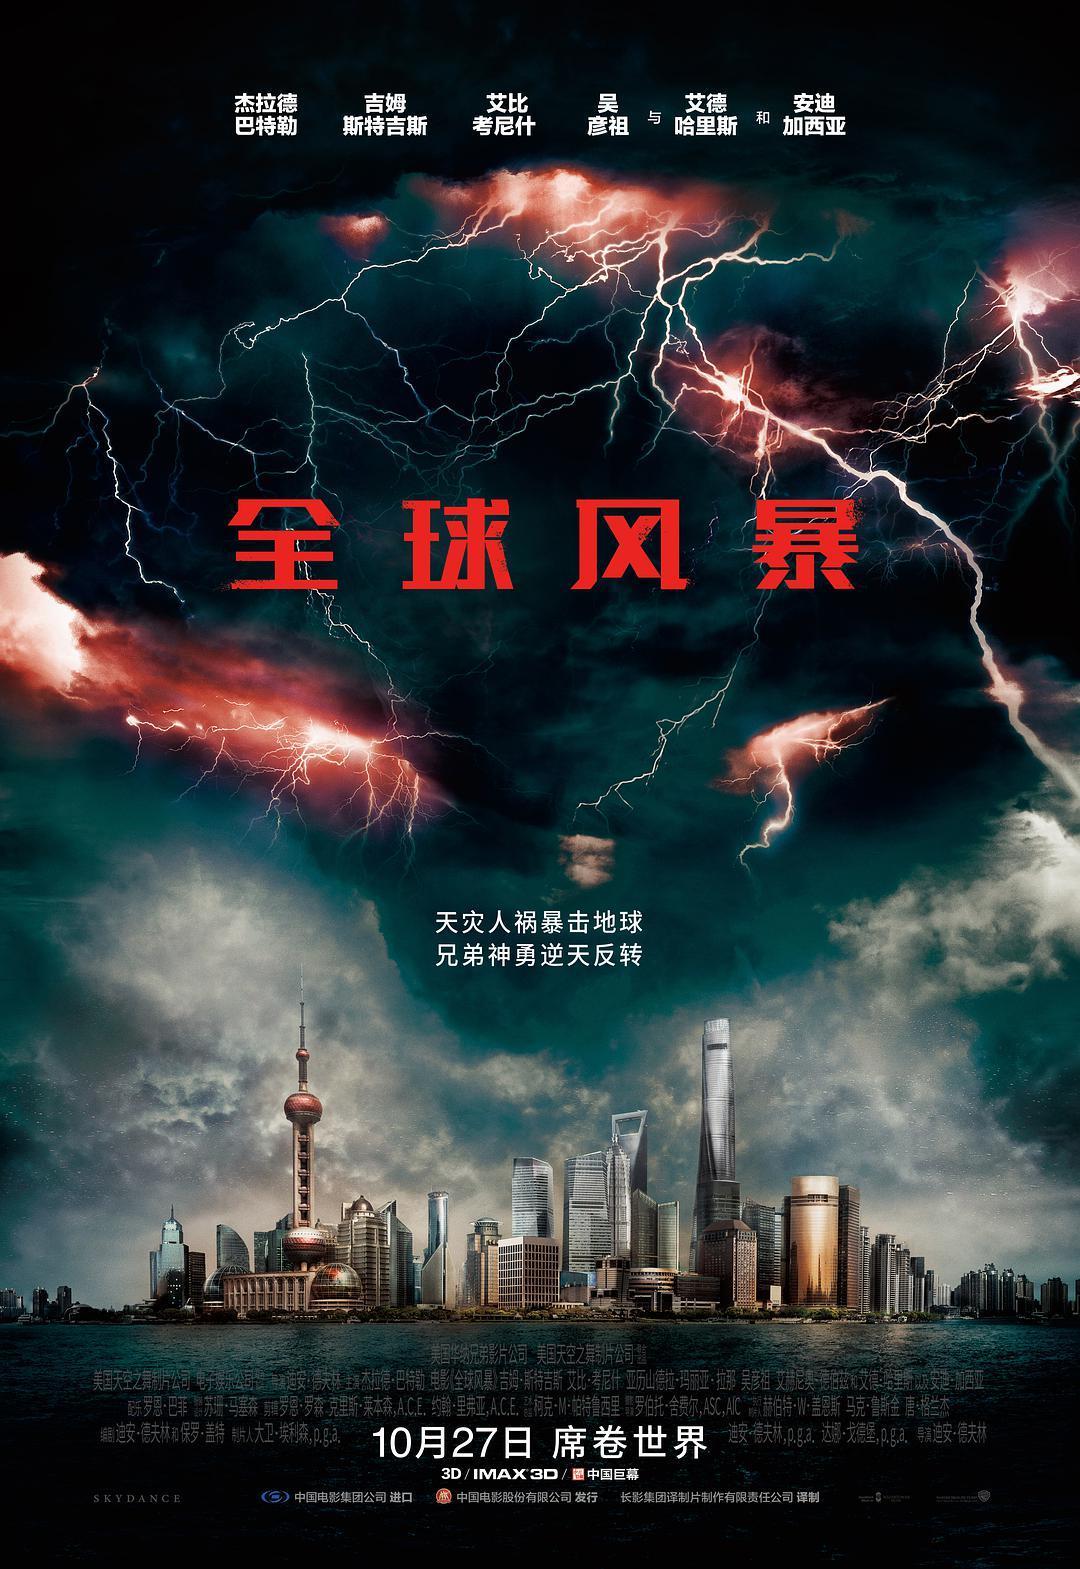 爆米花宣传语_如何评价电影《银翼杀手2049》? - 知乎